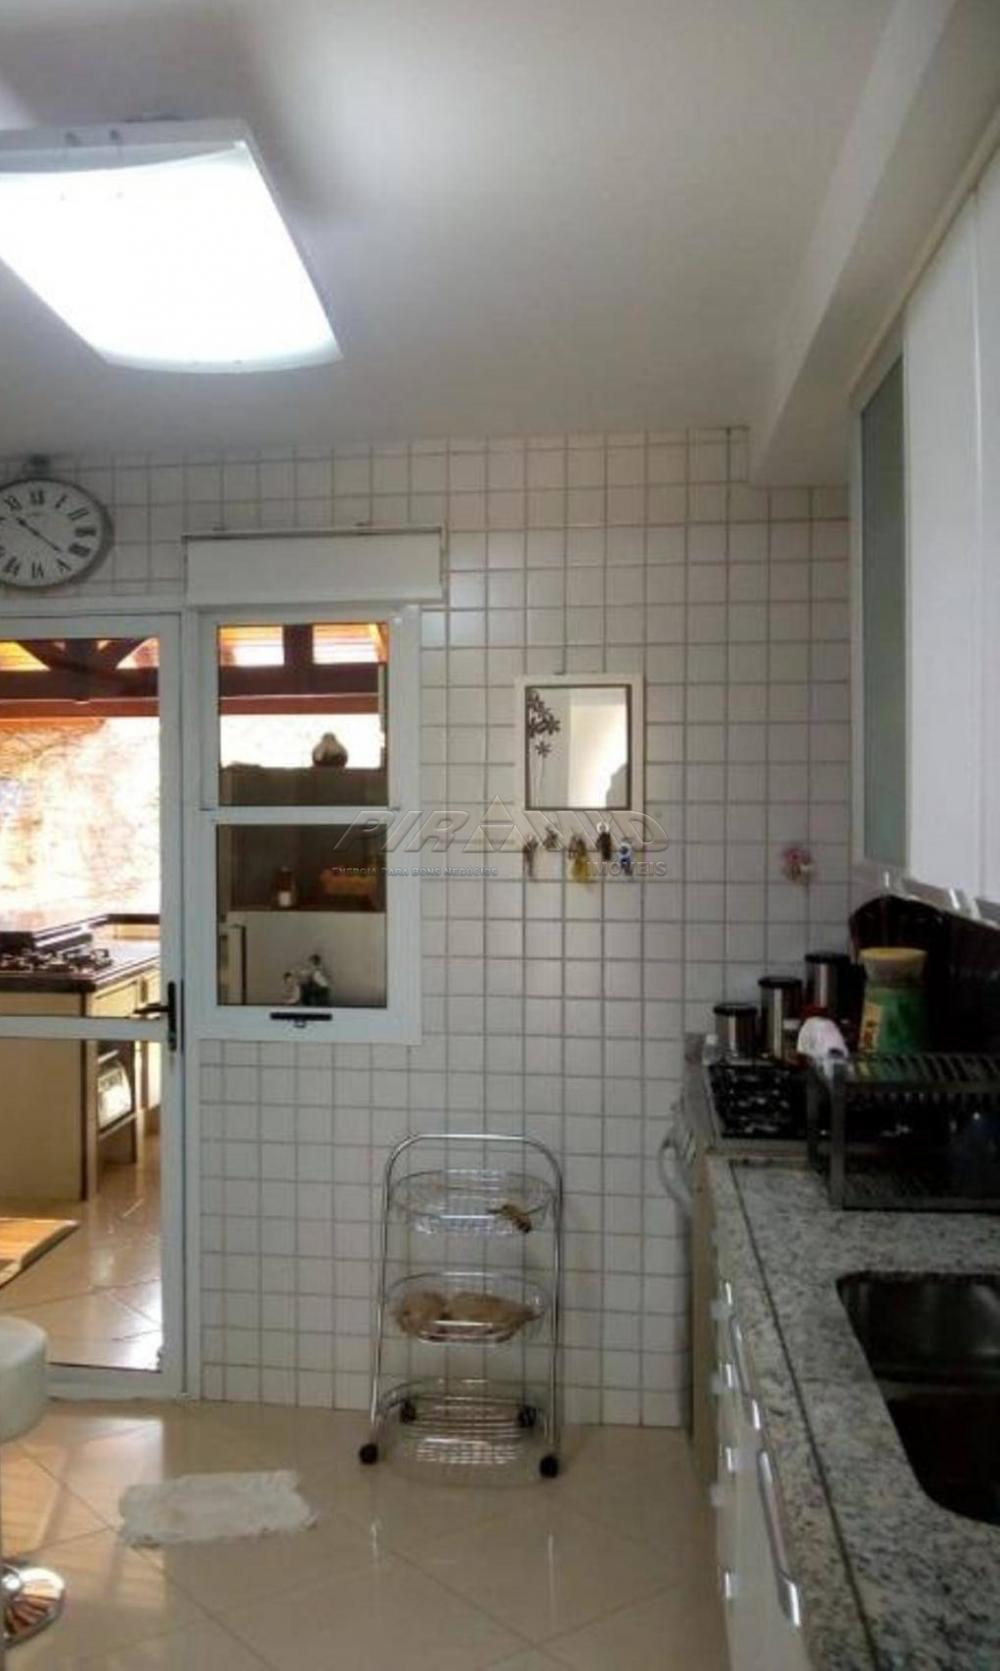 Comprar Casa / Condomínio em Ribeirão Preto R$ 920.000,00 - Foto 18